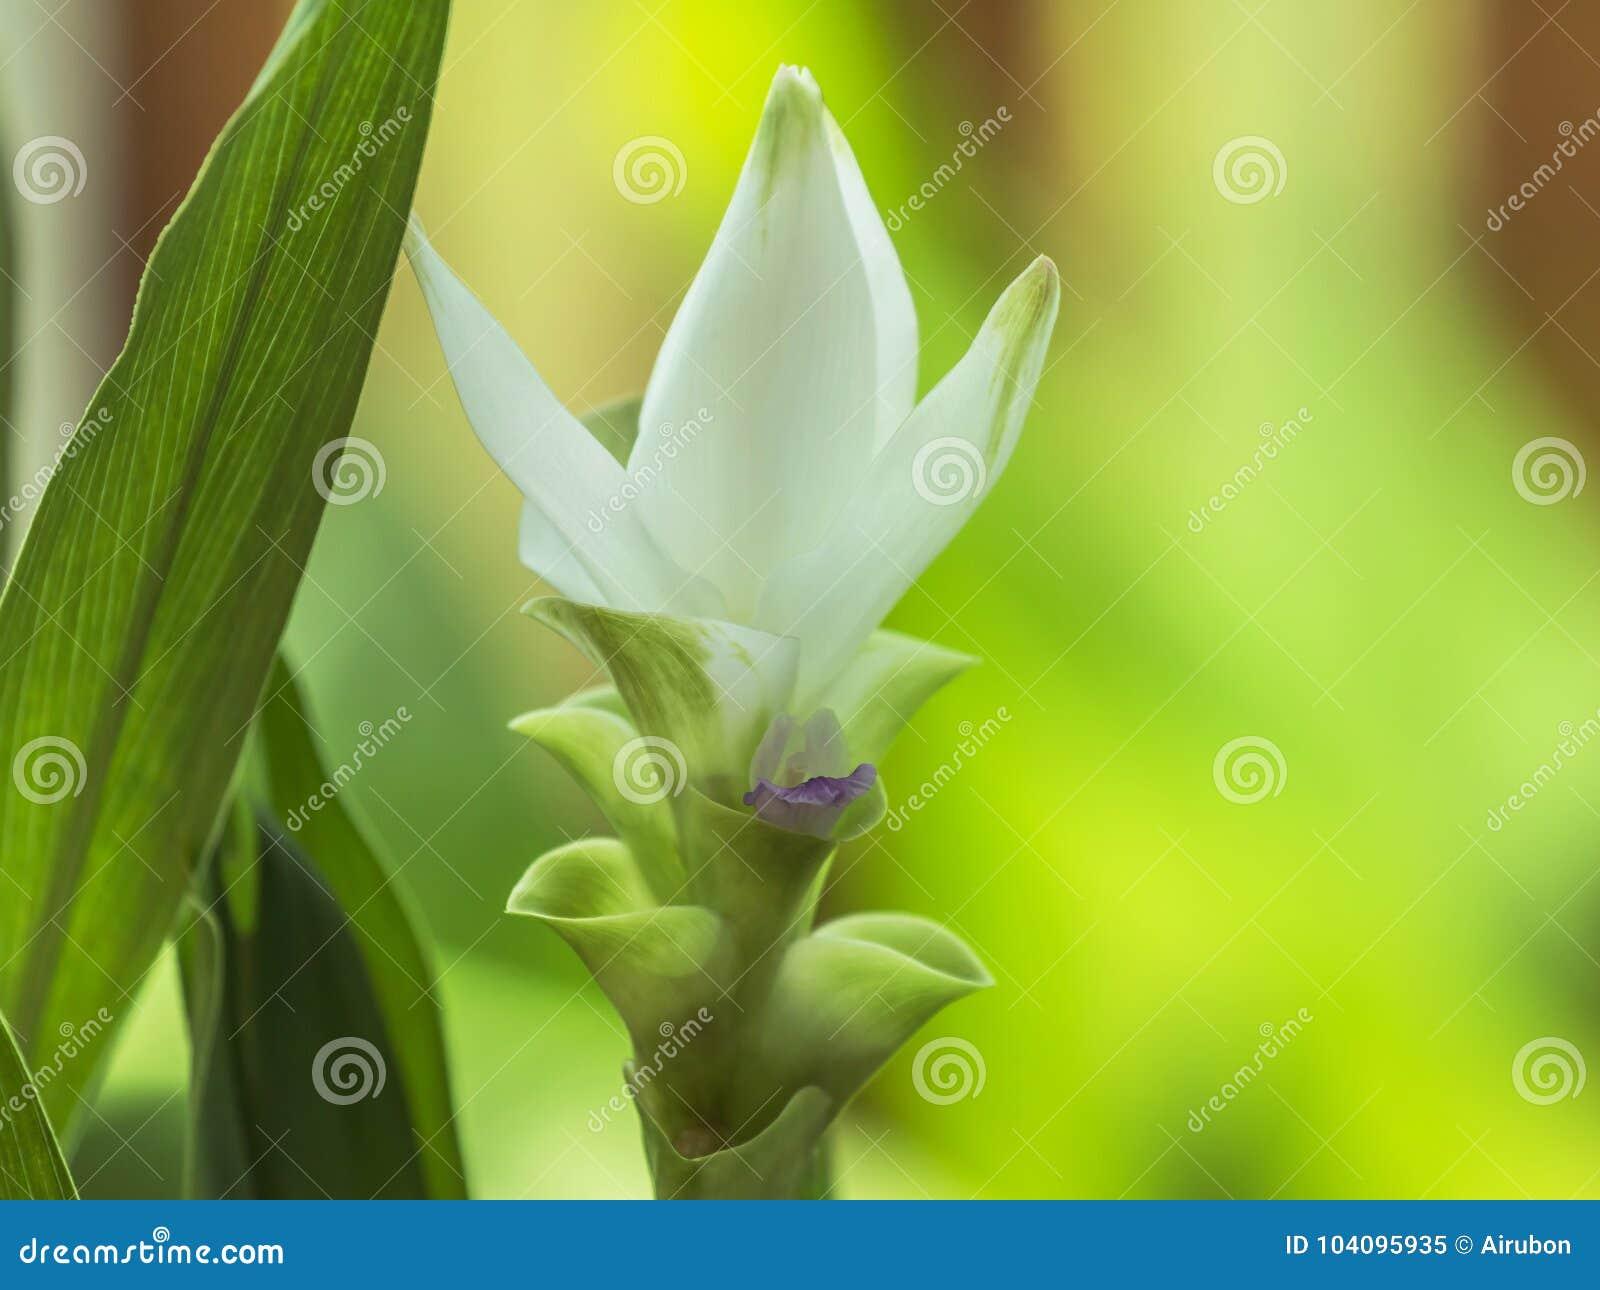 Lampada Fiore Tulipano : Chiuda sul alismatifolia bianco gagnep della curcuma del fiore del